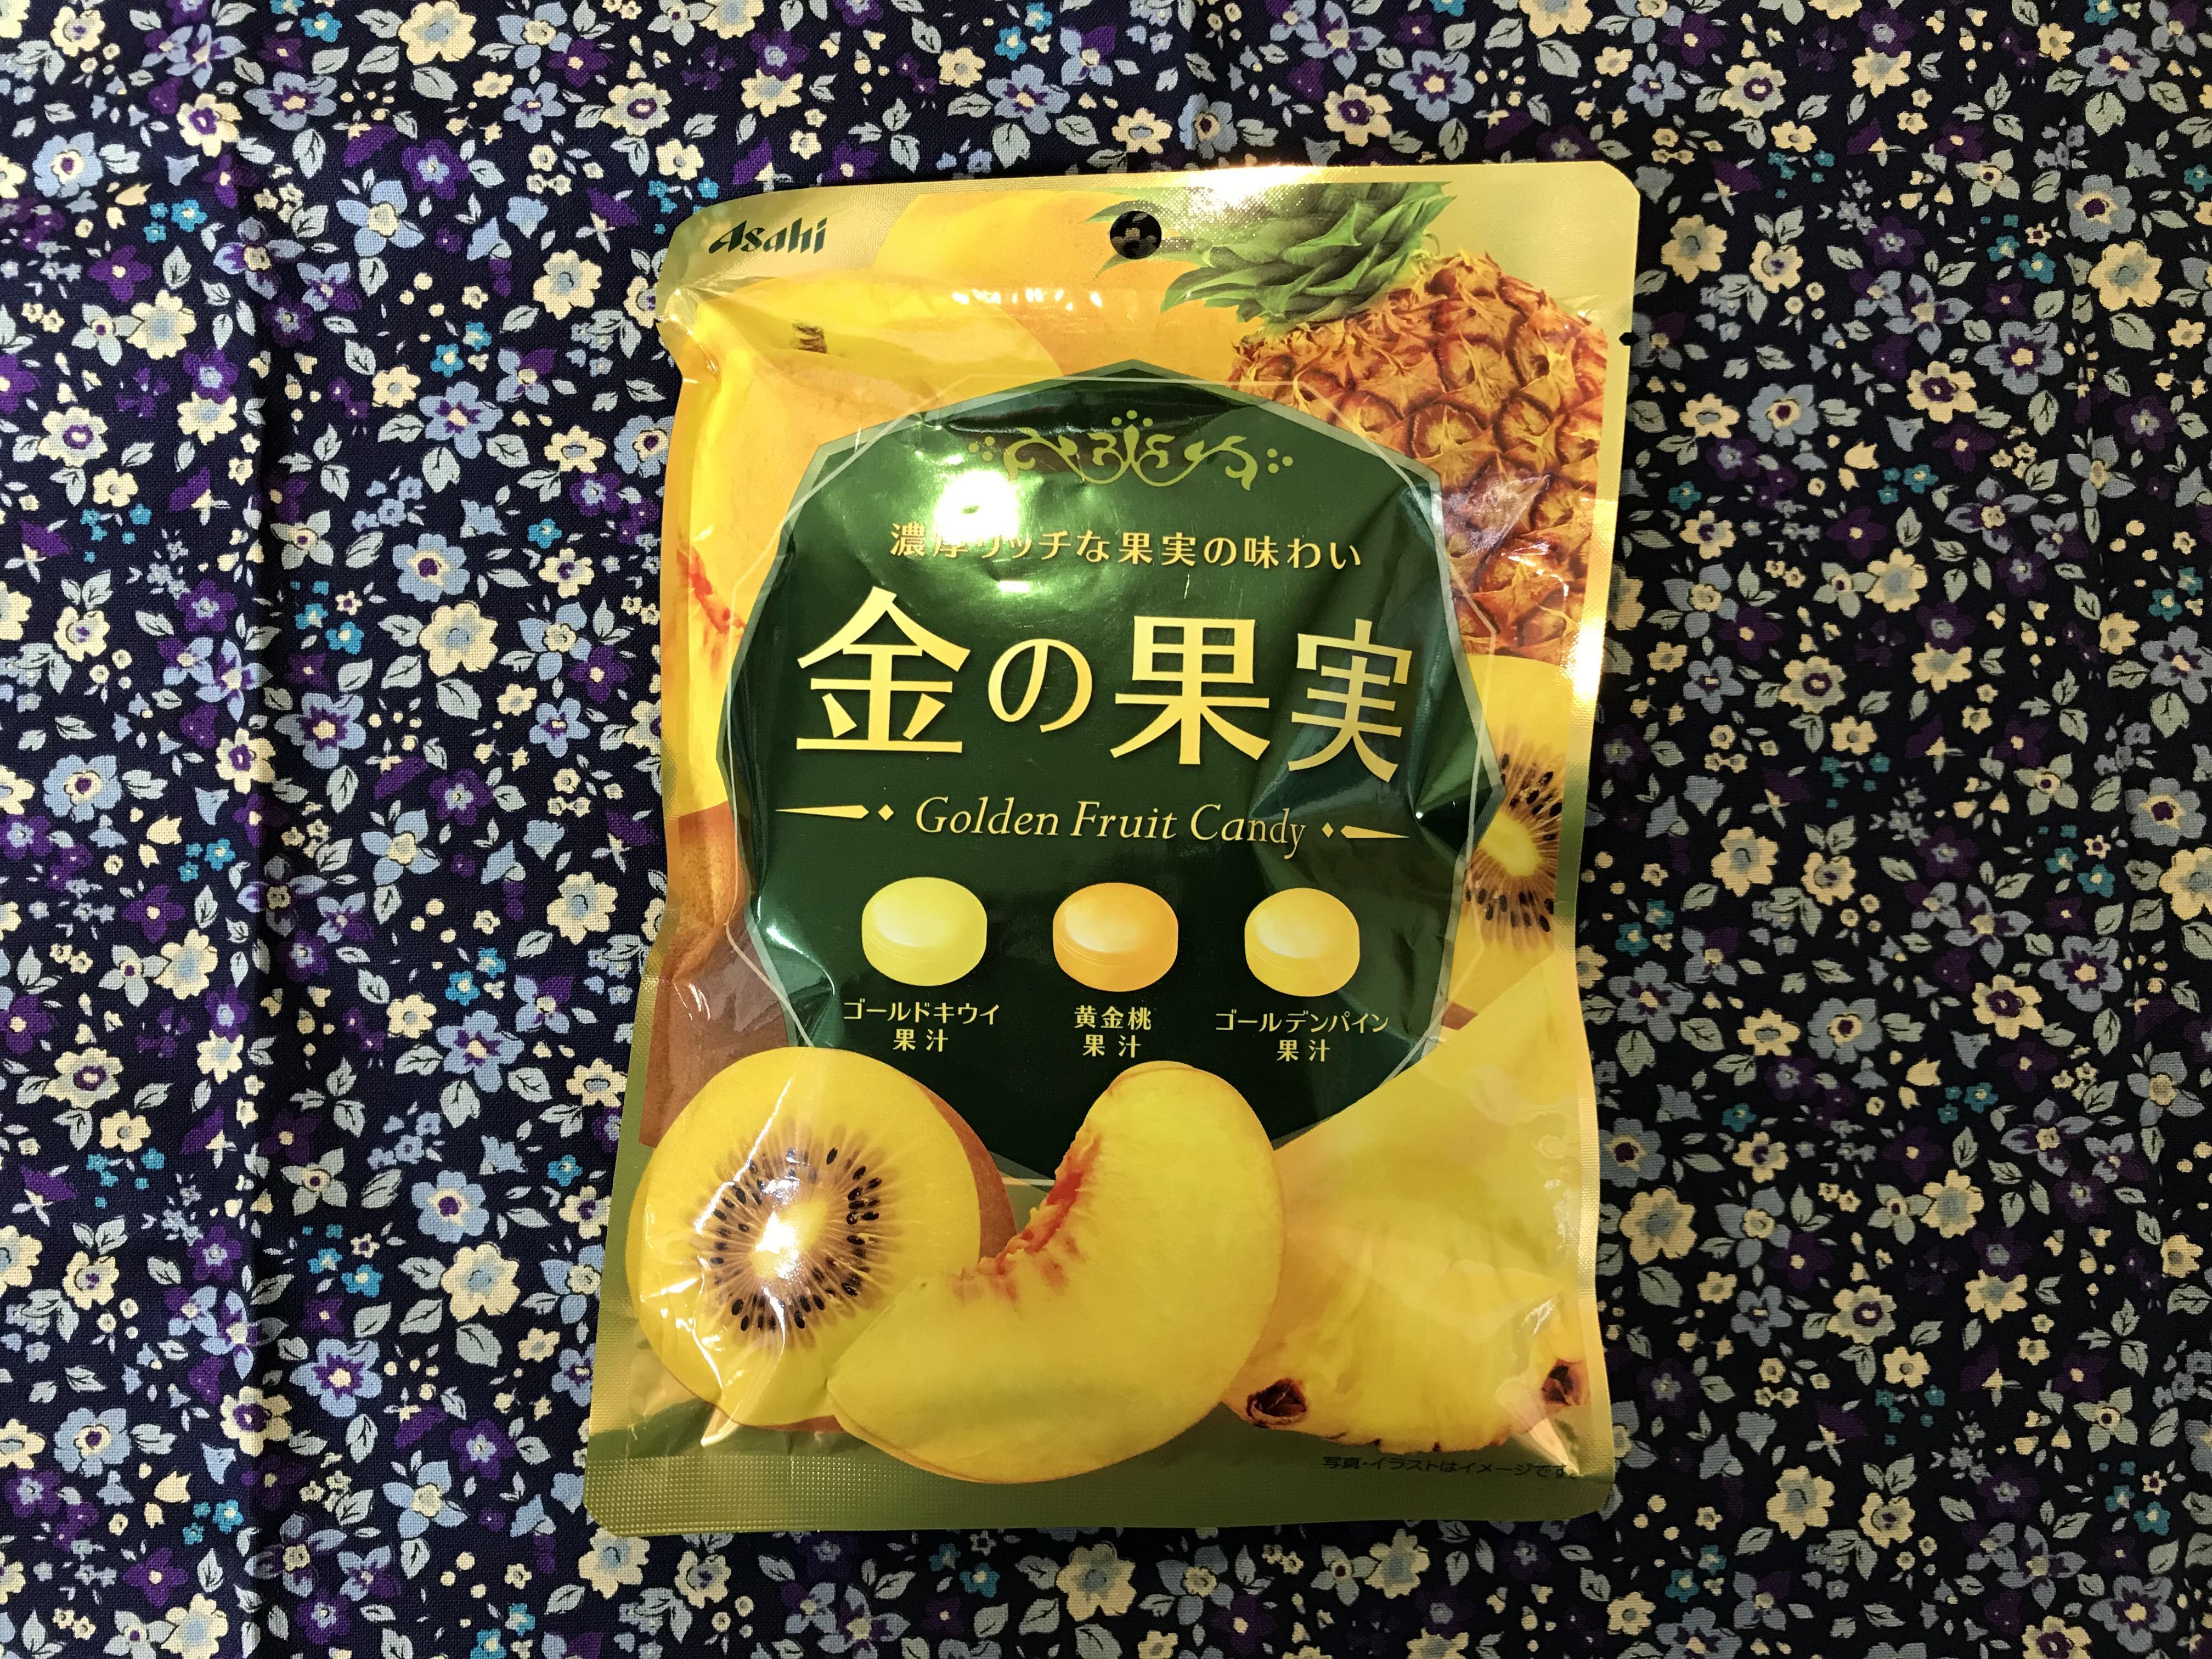 생각보다 실망스러운 맛, [Asahi]金の果実